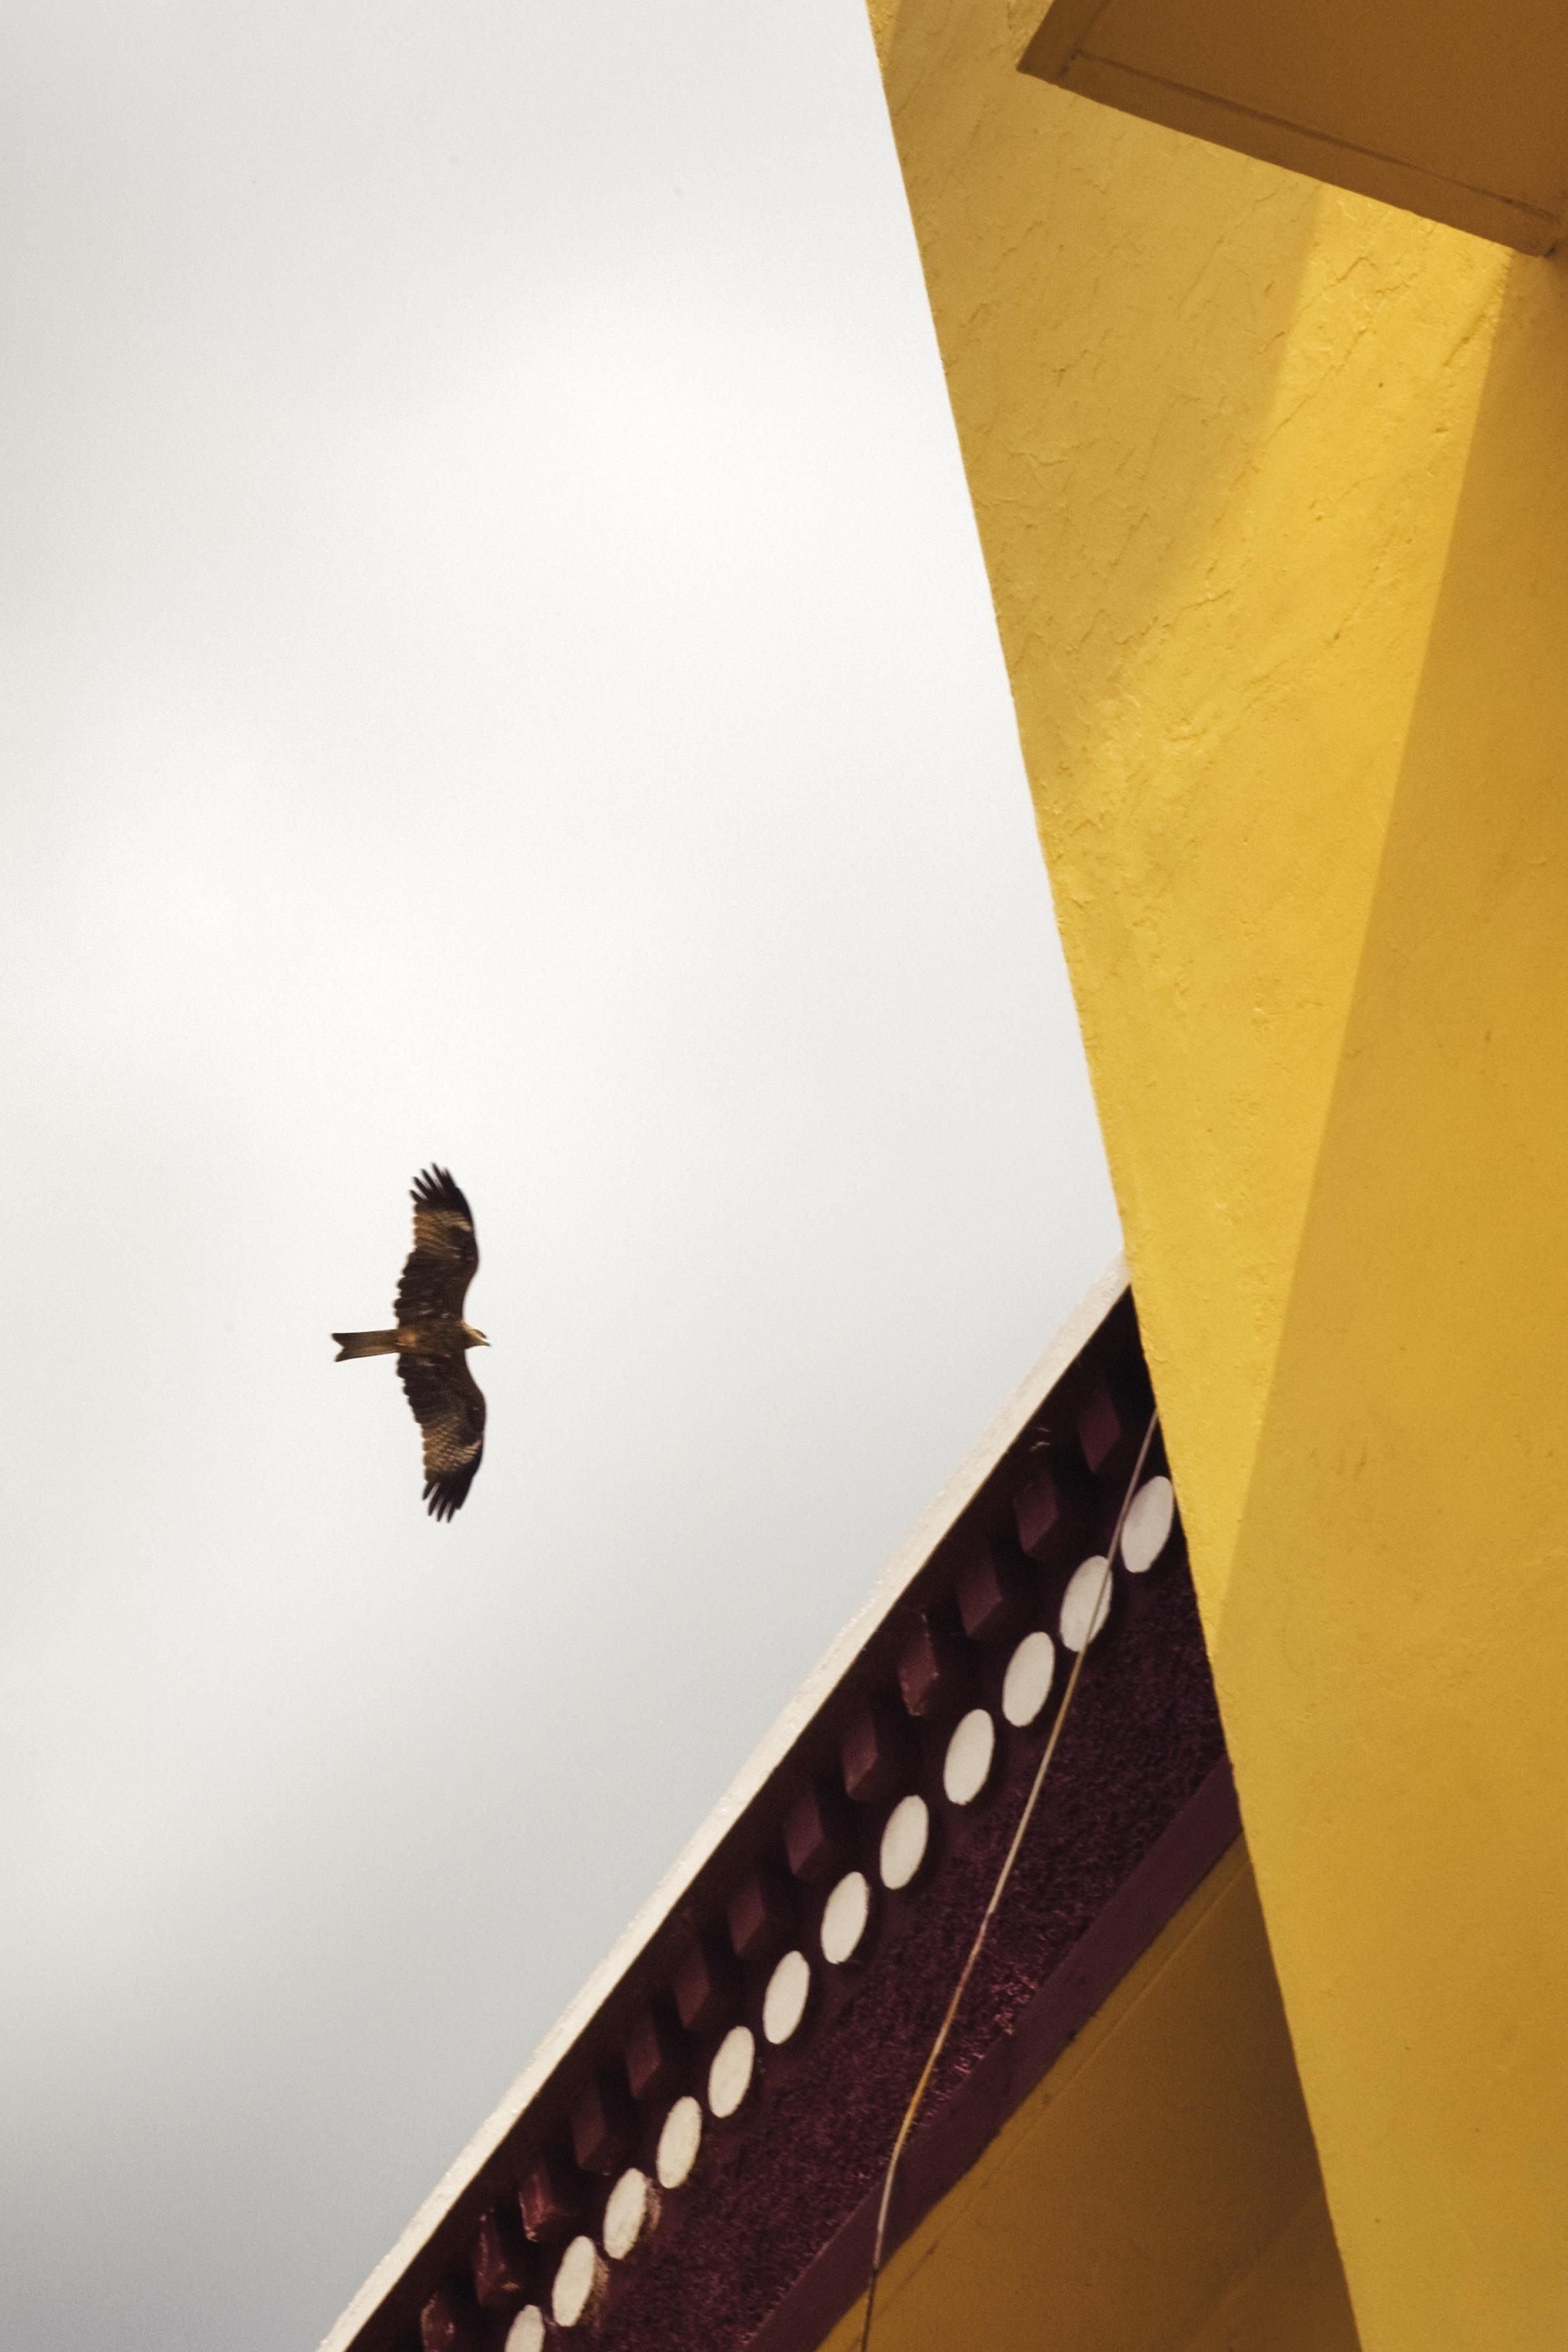 Tobi-Wilkinson_Gyuto-Within The Mind_Courtesy-Galerie-Thierry-Bigaignon.jpeg